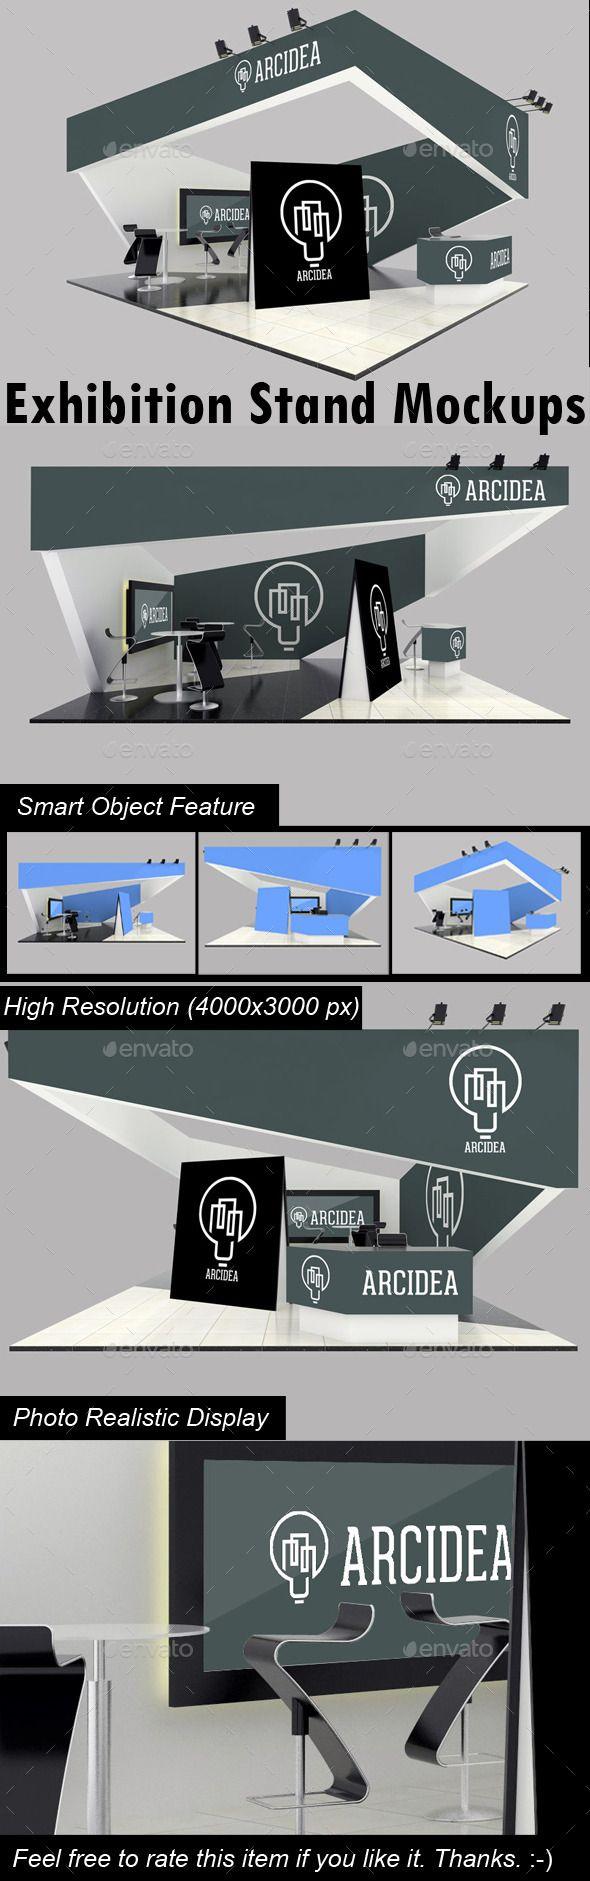 Graphicriver Exhibition Stand Design Mockup : Exhibition stand mockups mockup exhibitions and font logo